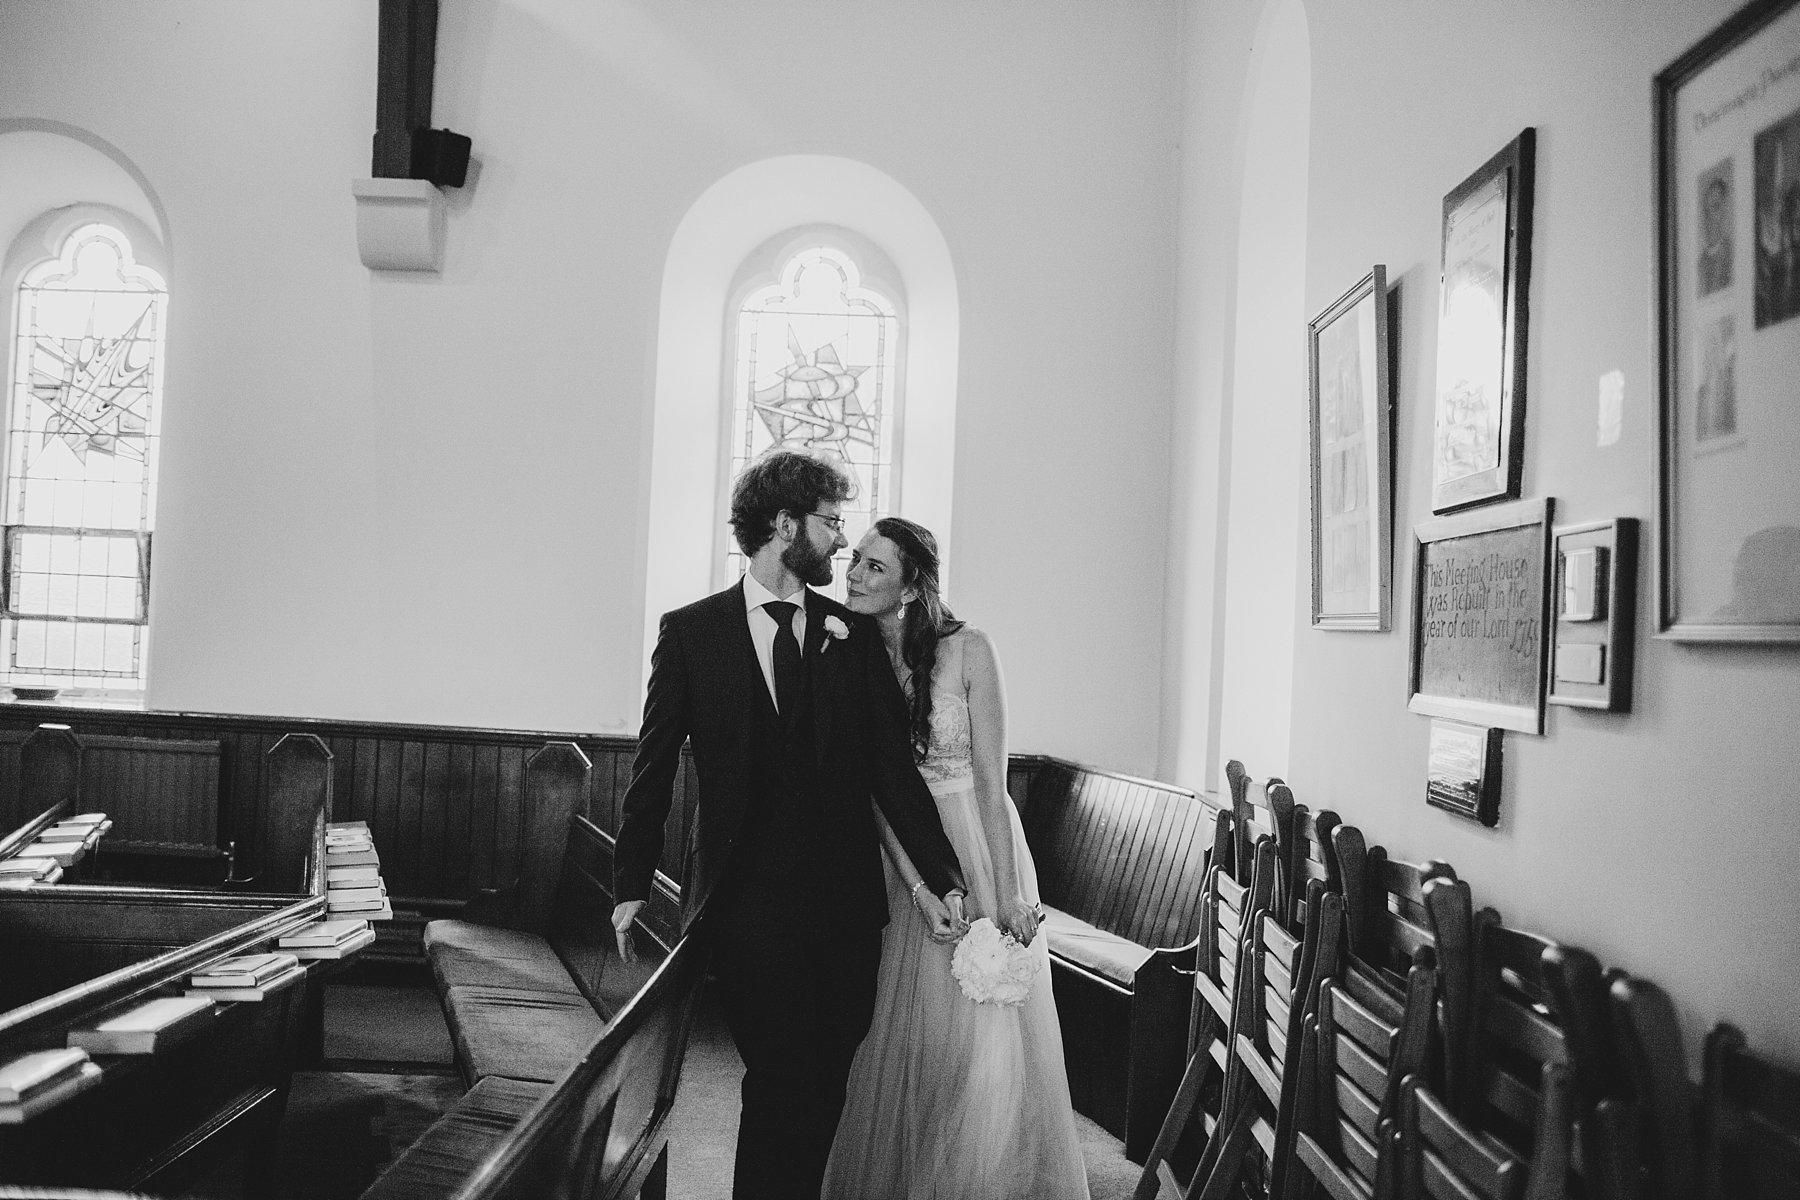 hornhead_donegak_elopement_weddings_0042